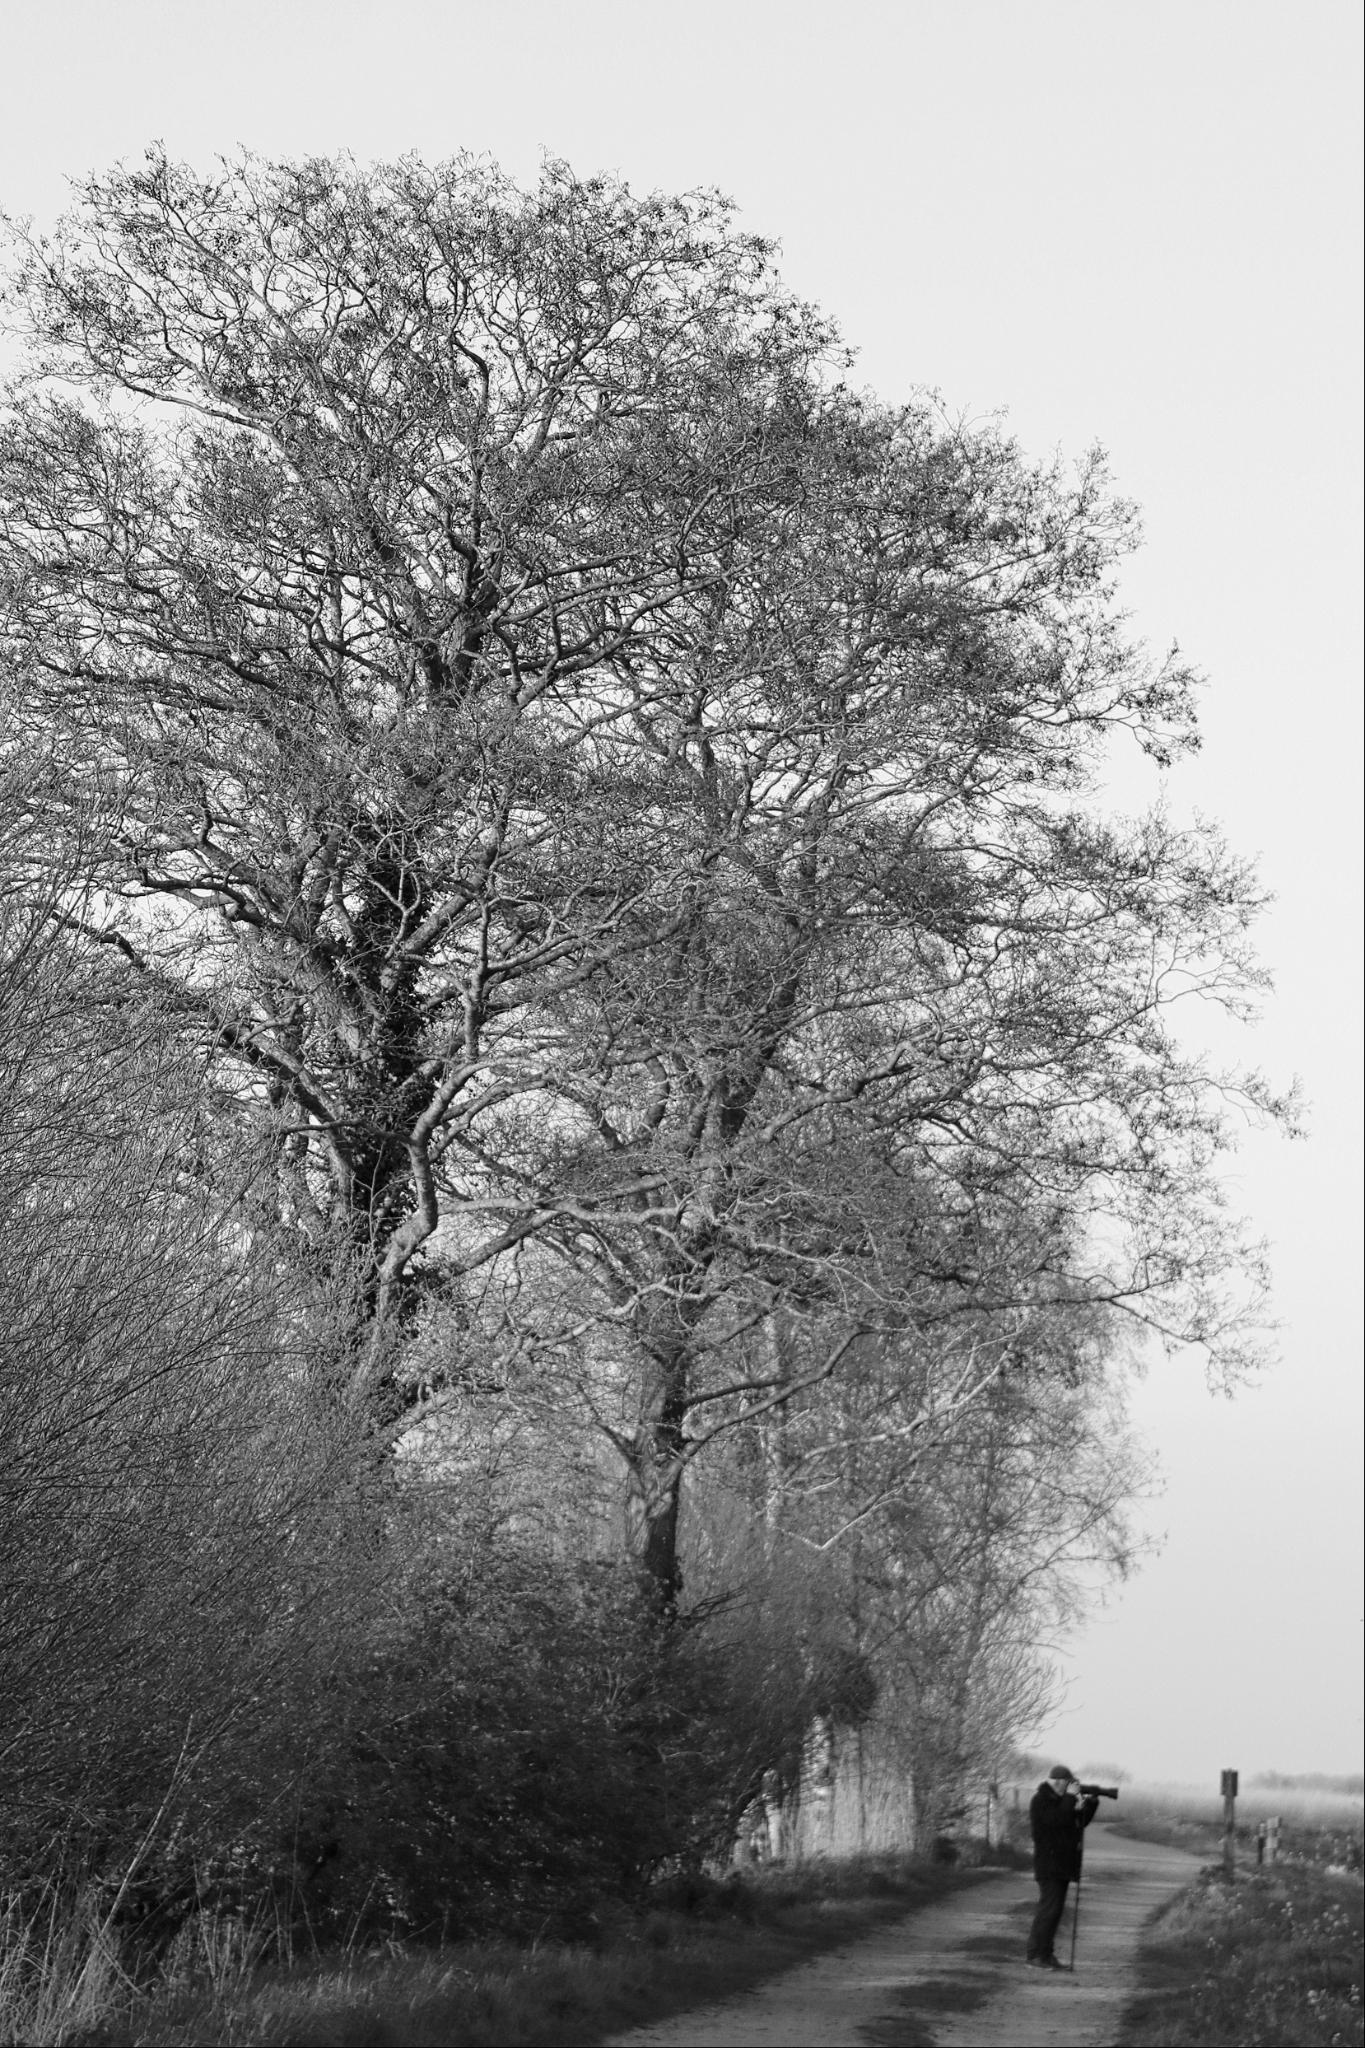 hoge bomen - - - foto door onne1954 op 21-04-2021 - deze foto bevat: bomen, zwartwit, fotograaf, hoge bomen, fabriek, lucht, atmosfeer, wit, zwart, boom, natuurlijk landschap, afdeling, hout, zwart en wit